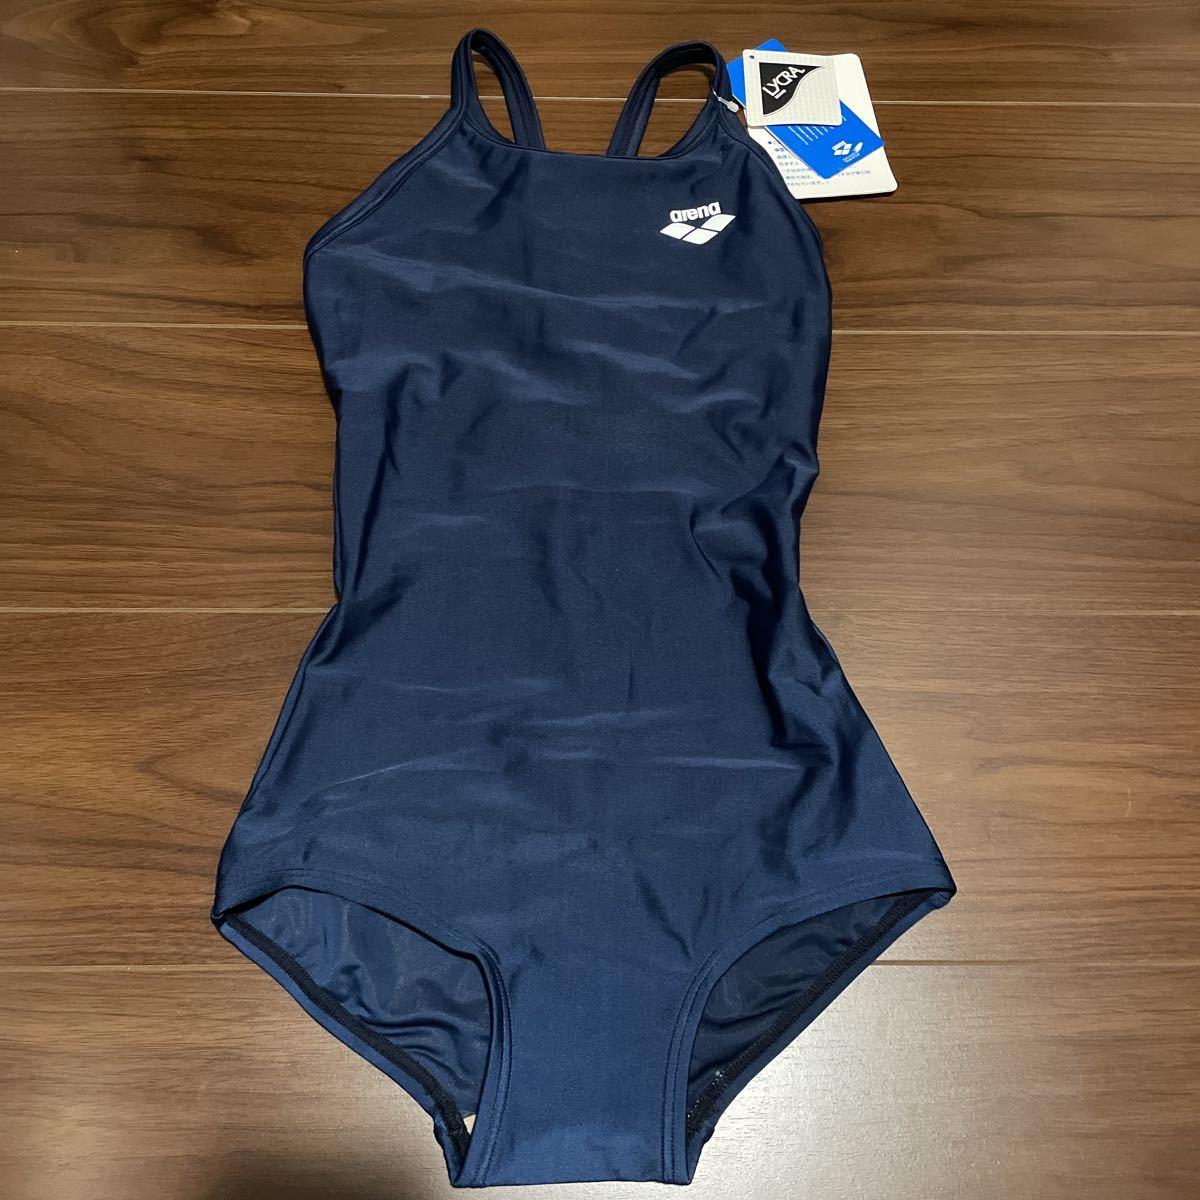 新品 アリーナ arena スクール水着 レディース 競泳水着 ARN-185W ネイビー M タグ付き 女の子 コスプレ